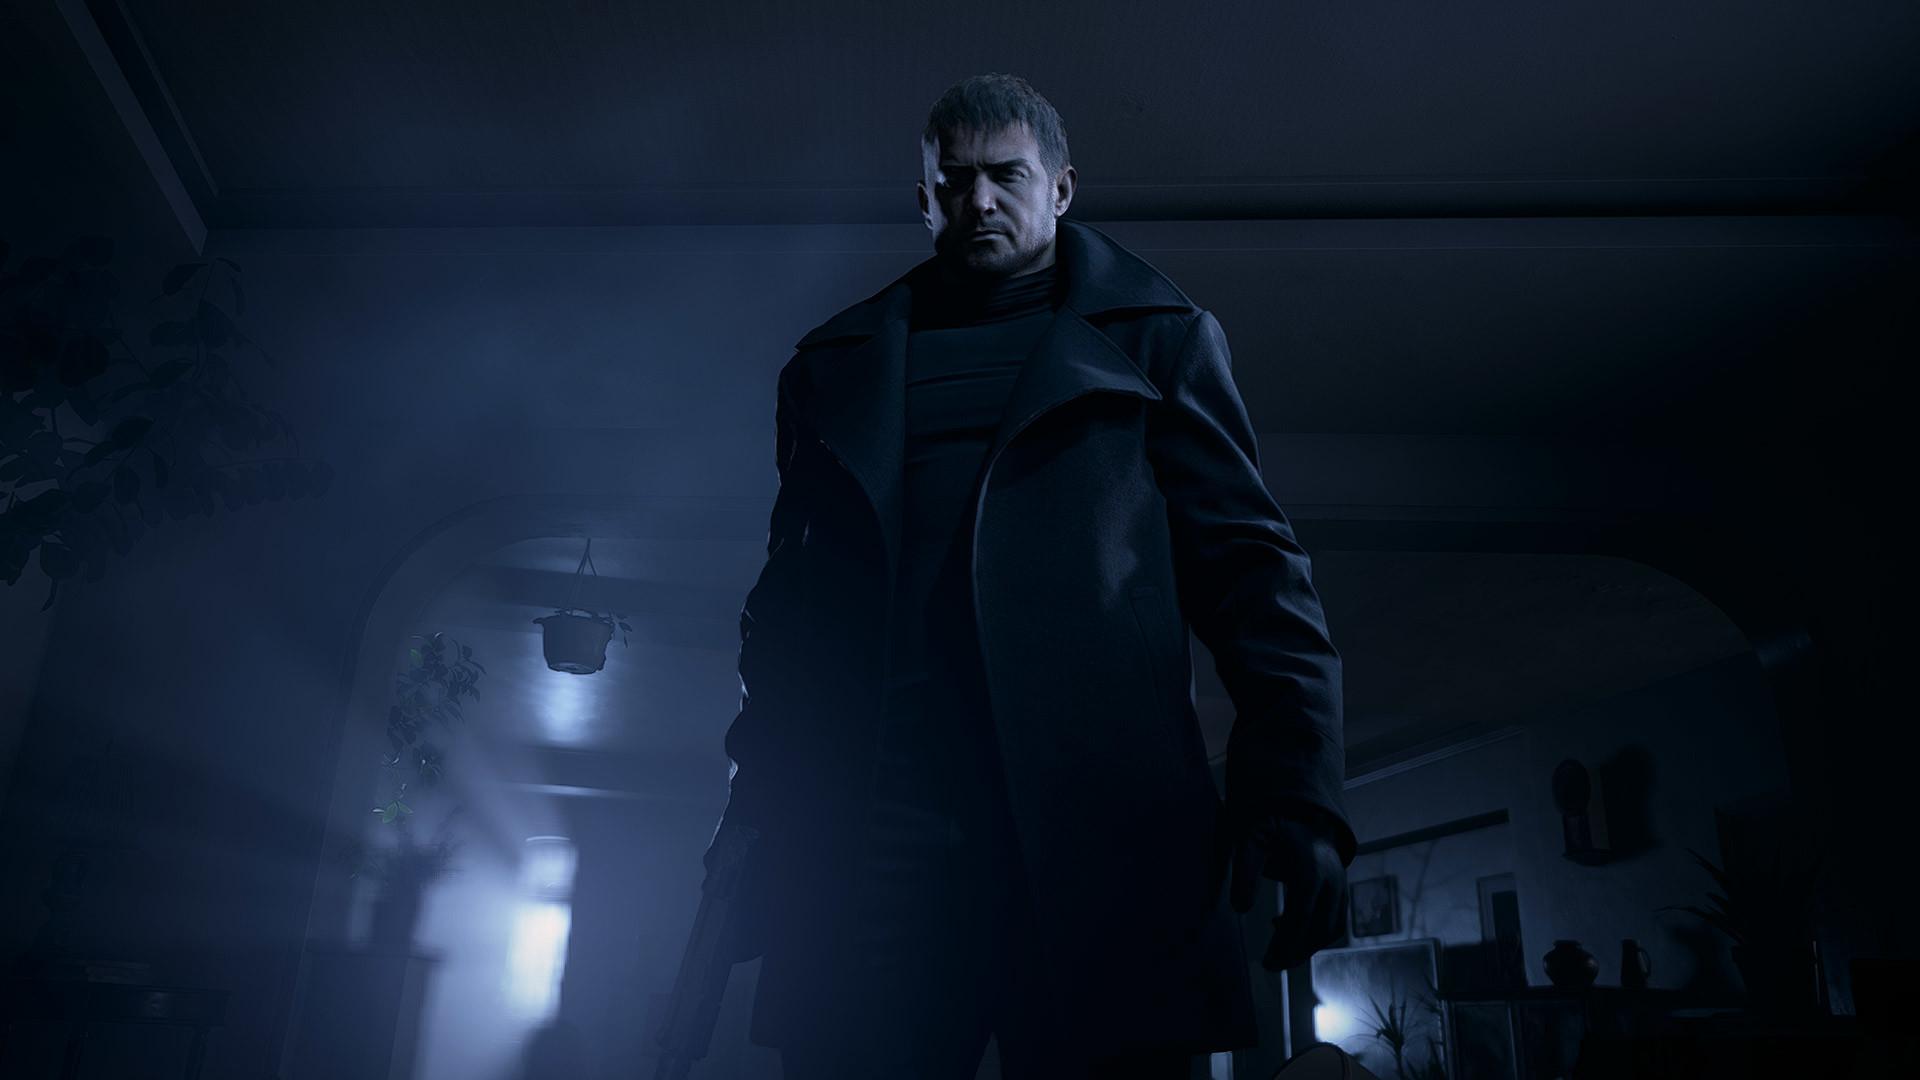 《生化危机8》新情报 新角色和手持长剑的怪物登场 (2)